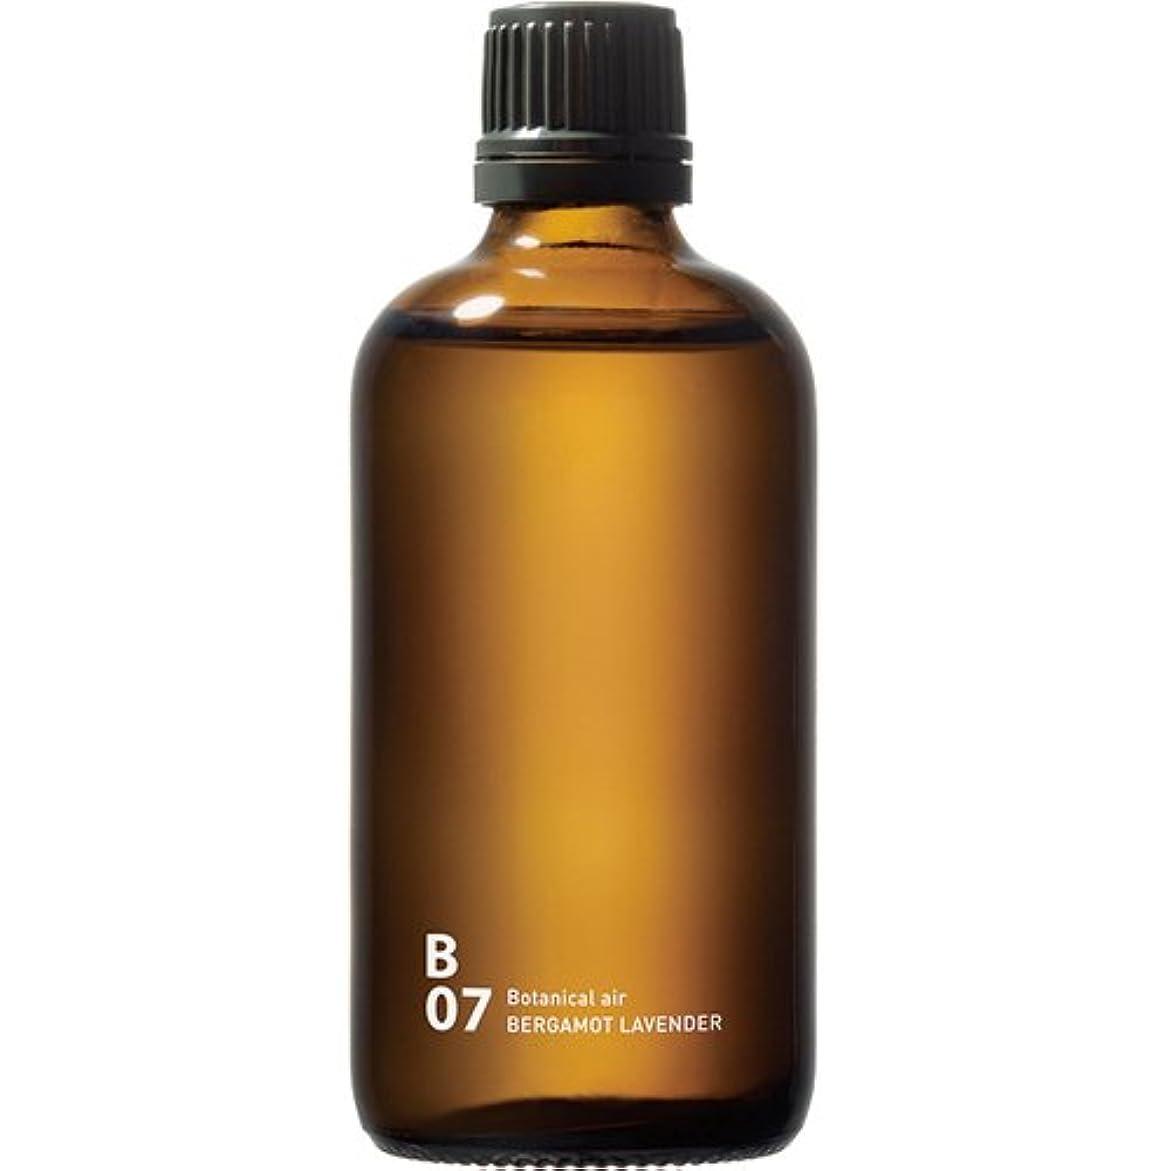 小道具おとなしい疑問に思うB07 BERGAMOT LAVENDER piezo aroma oil 100ml